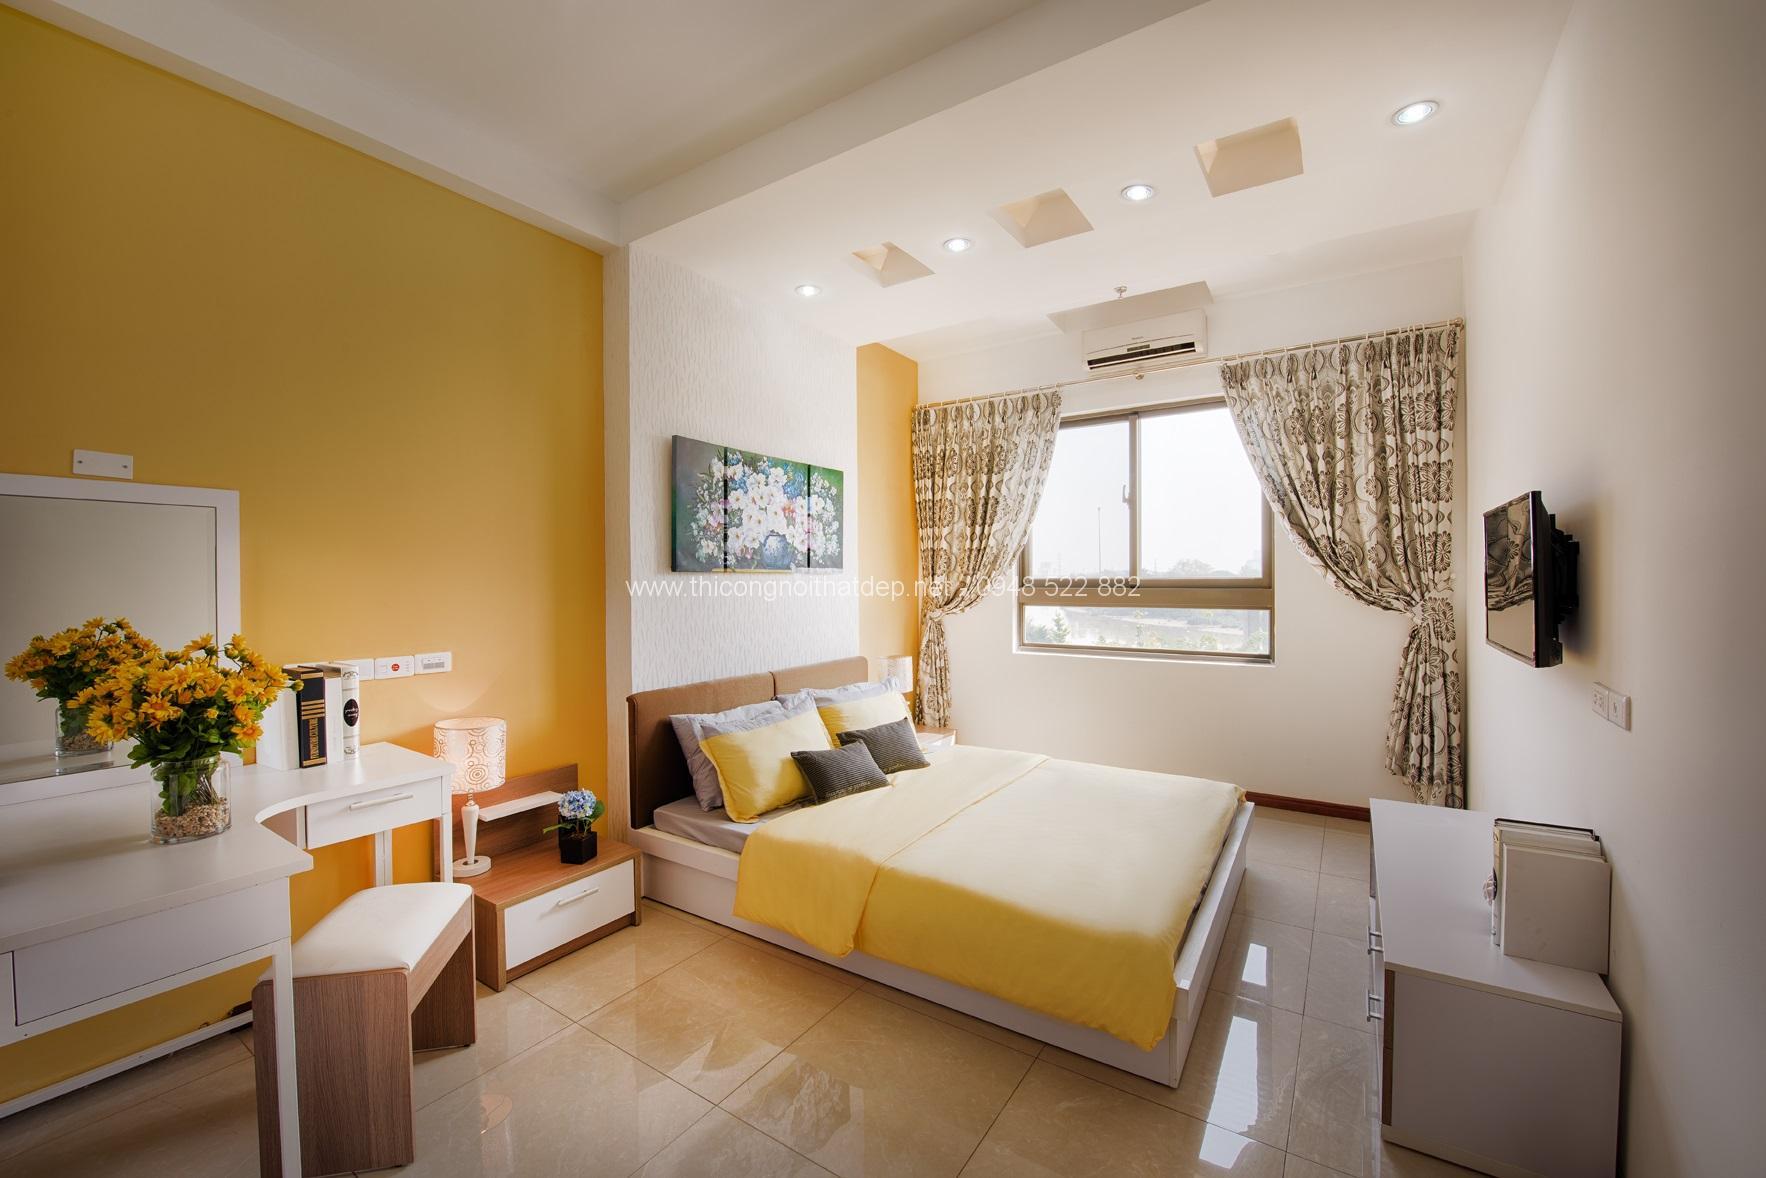 Thiết kế nội thất căn hộ chung cư 60m vuông